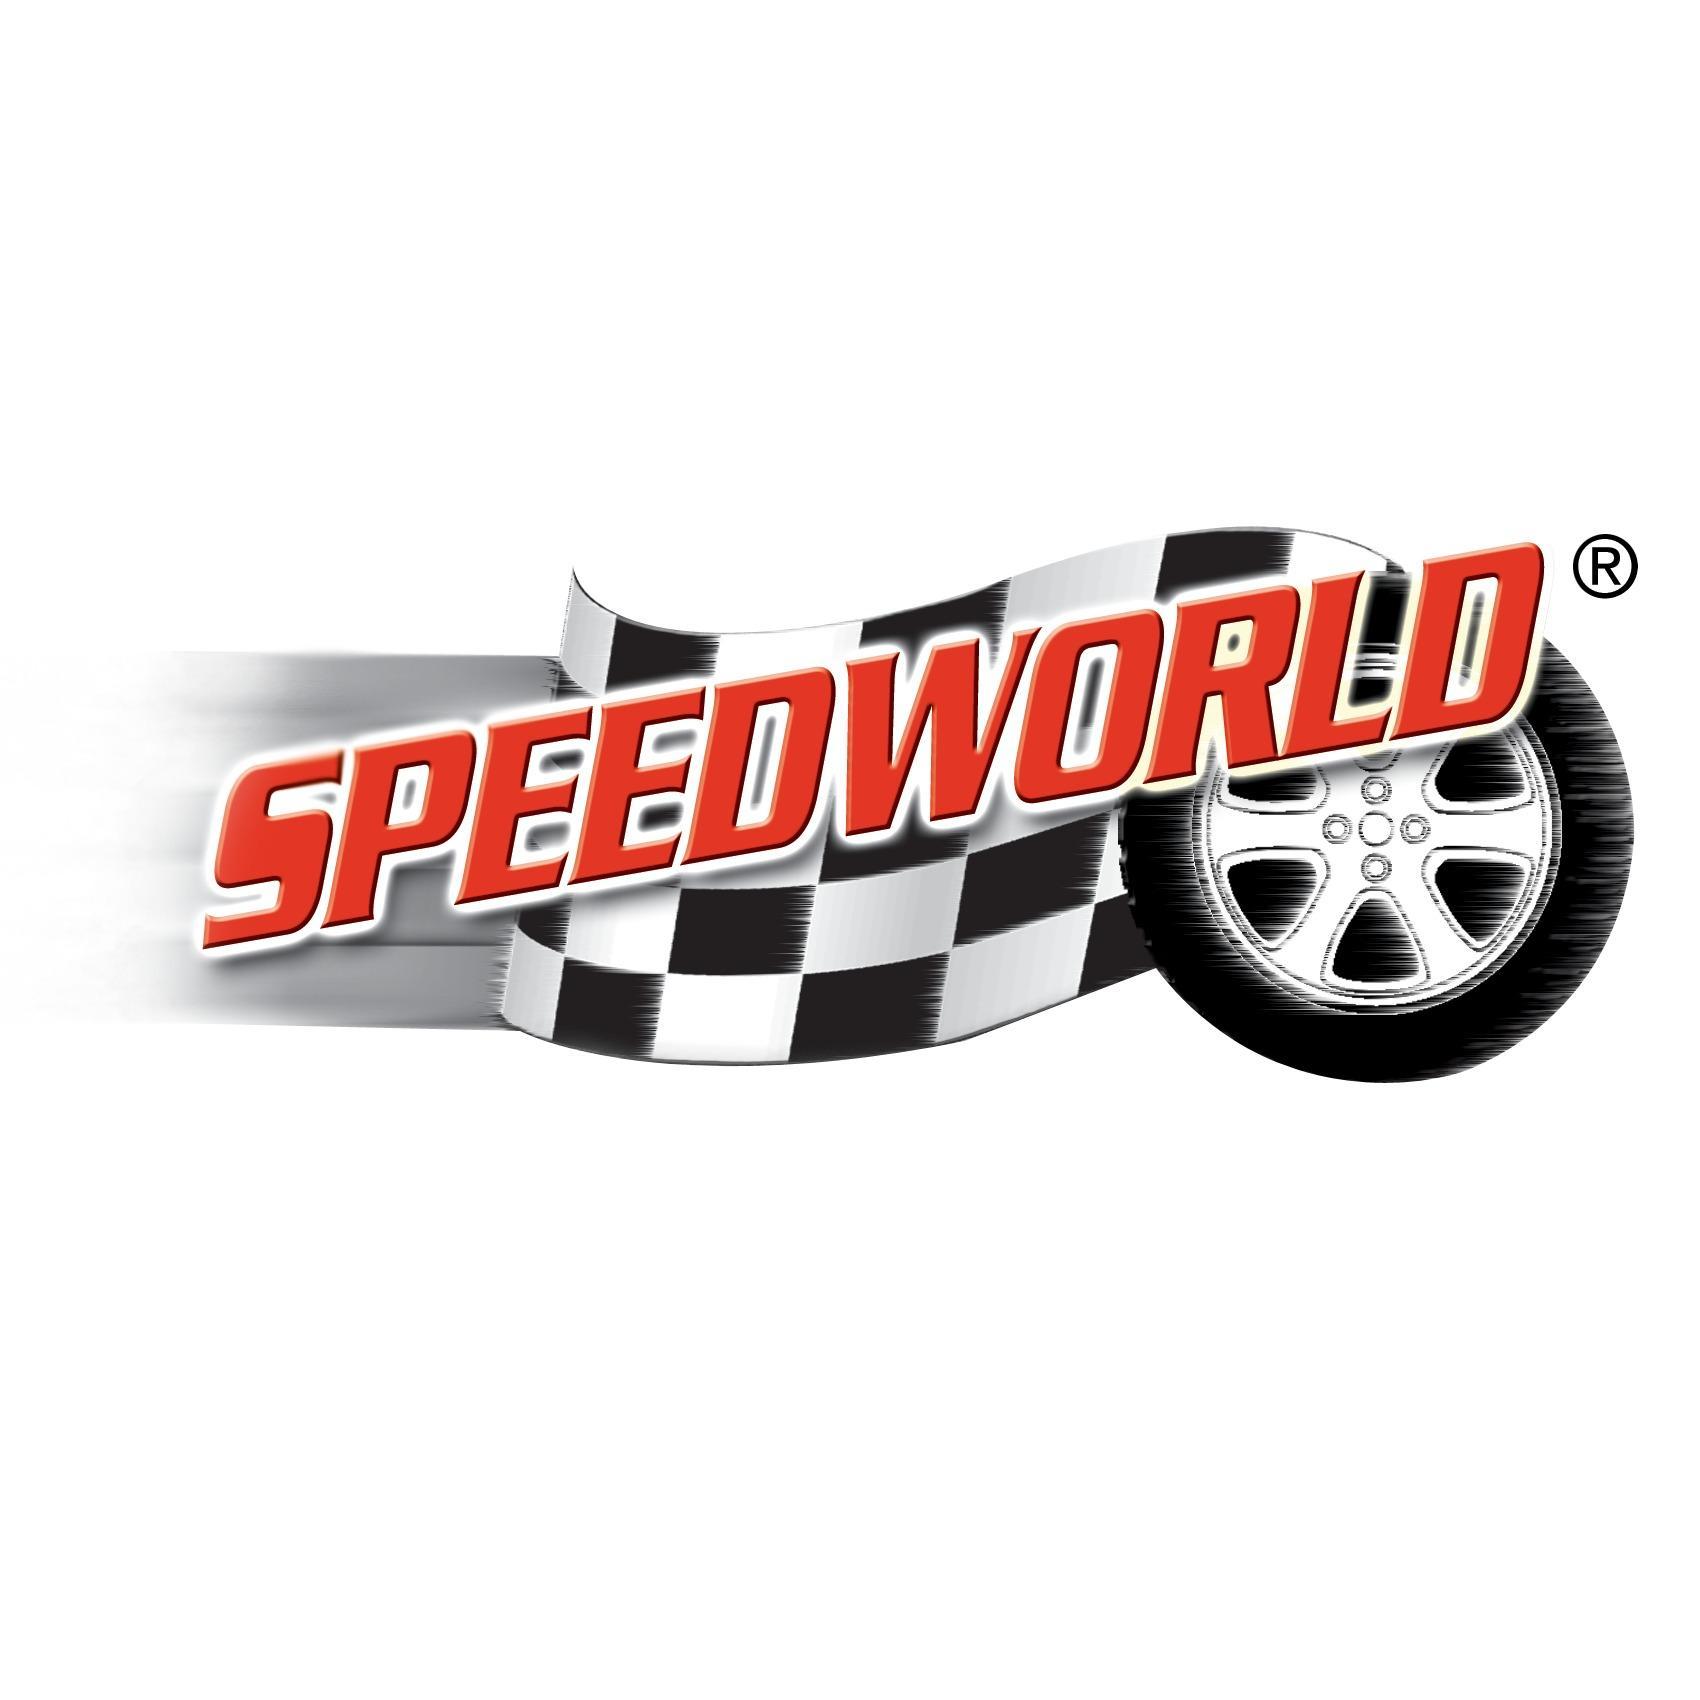 Speedworld Go-Karts